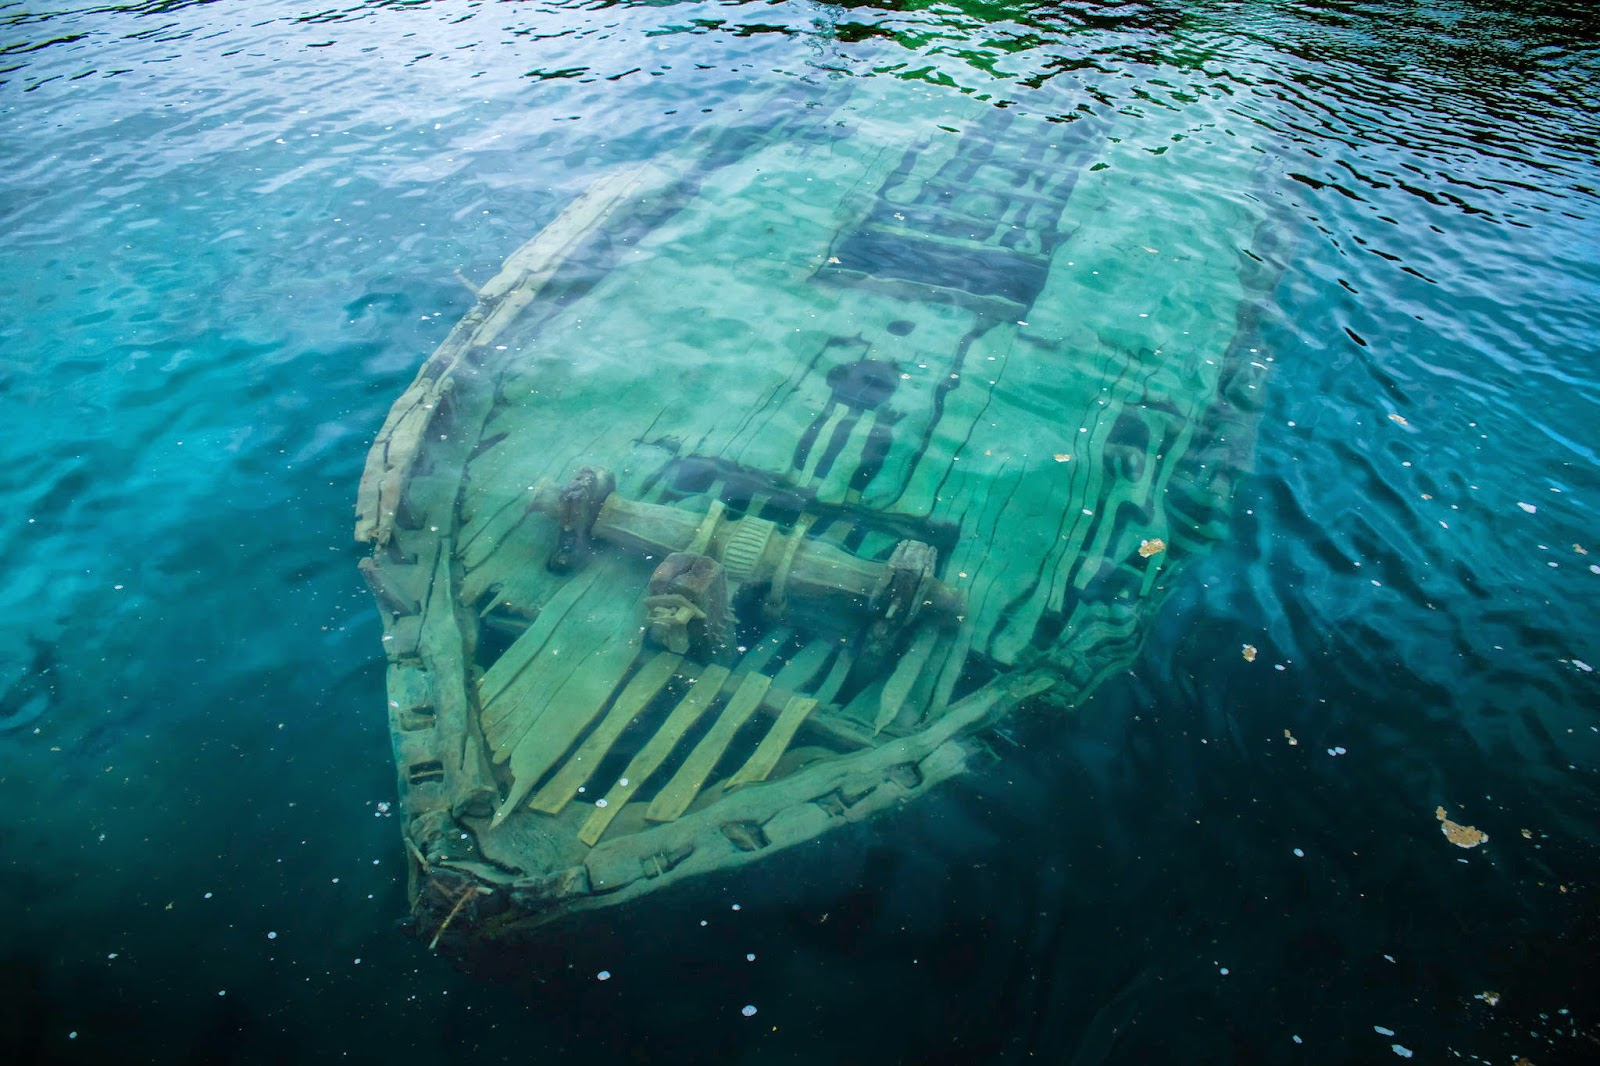 Las mejores fotograf as del mundo barcos abandonados for Las mejores casas minimalistas del mundo